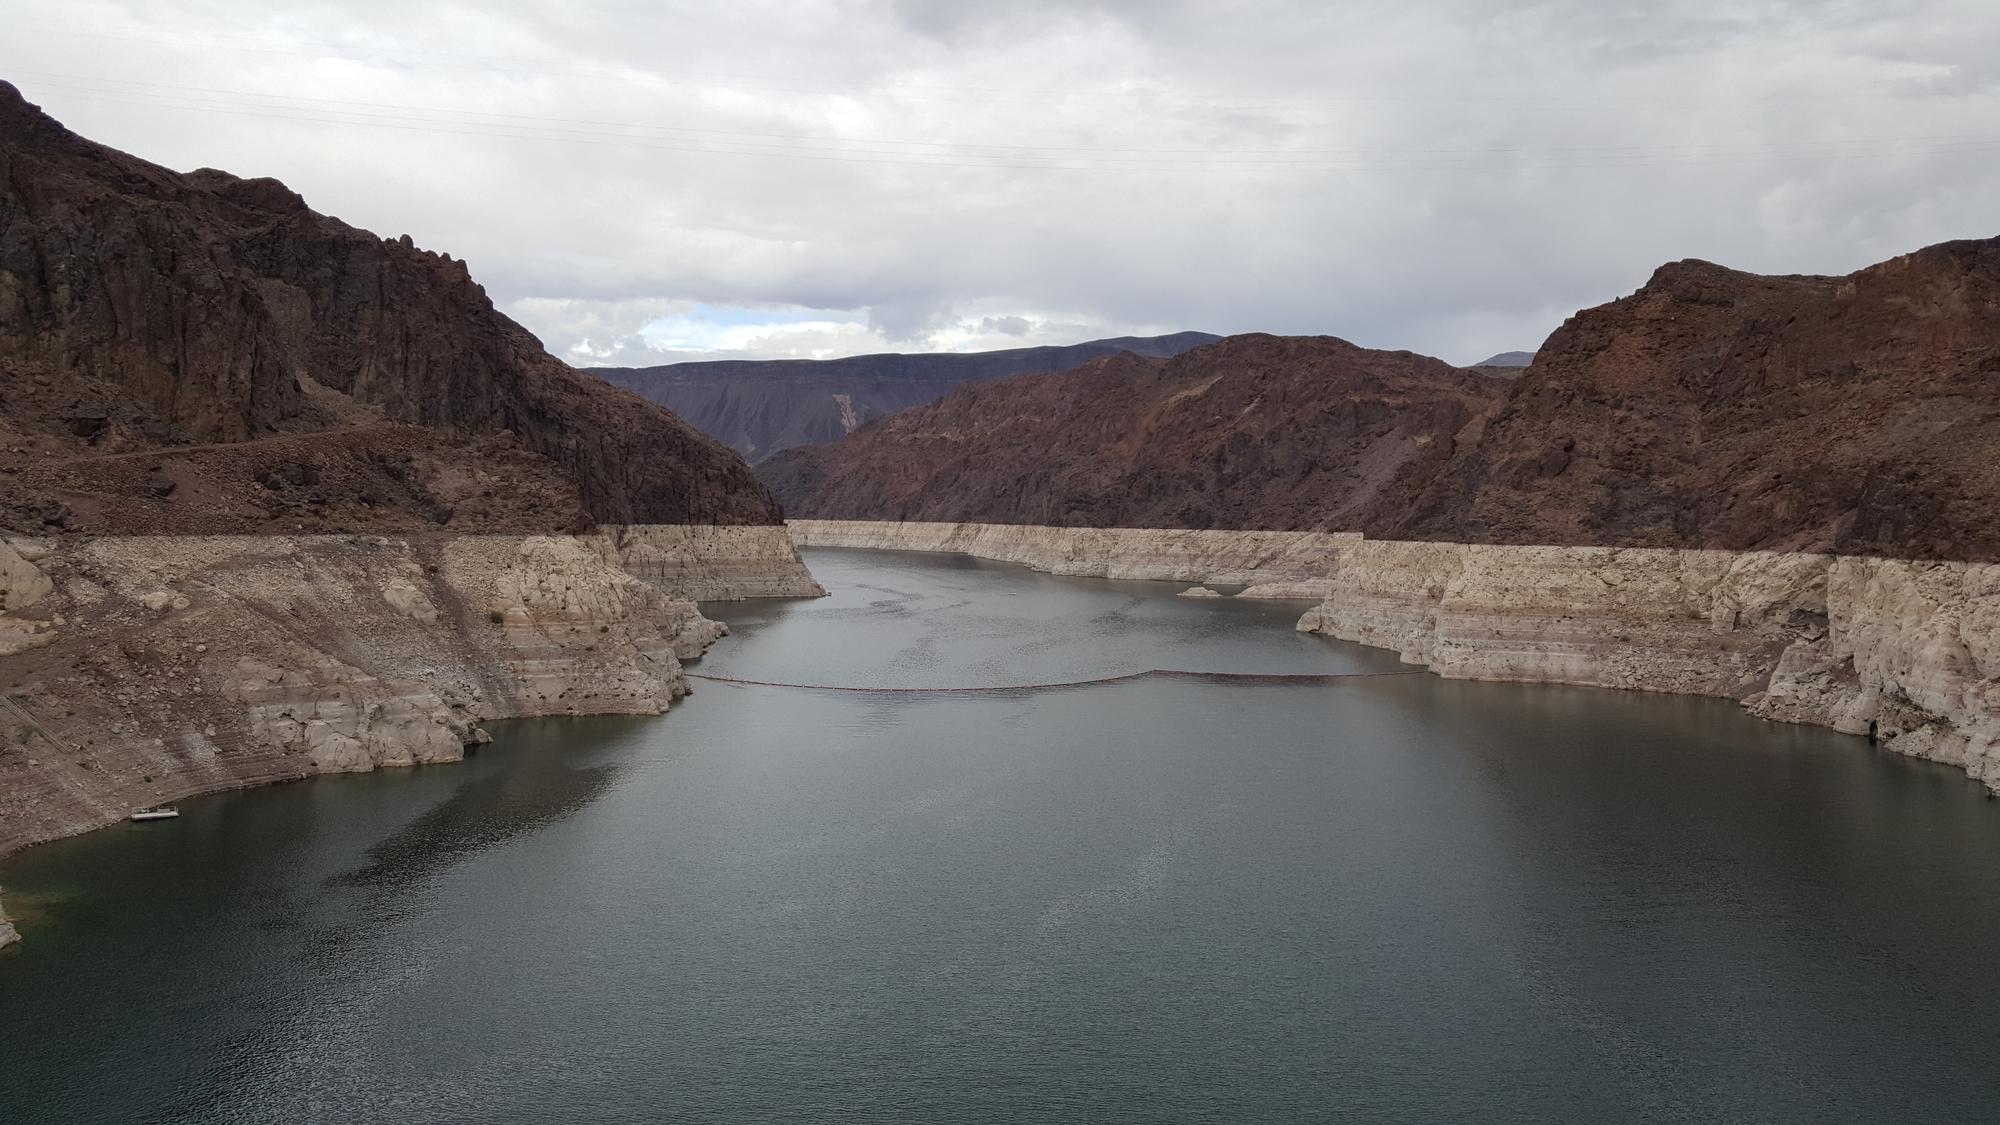 Colorado River Water Usage